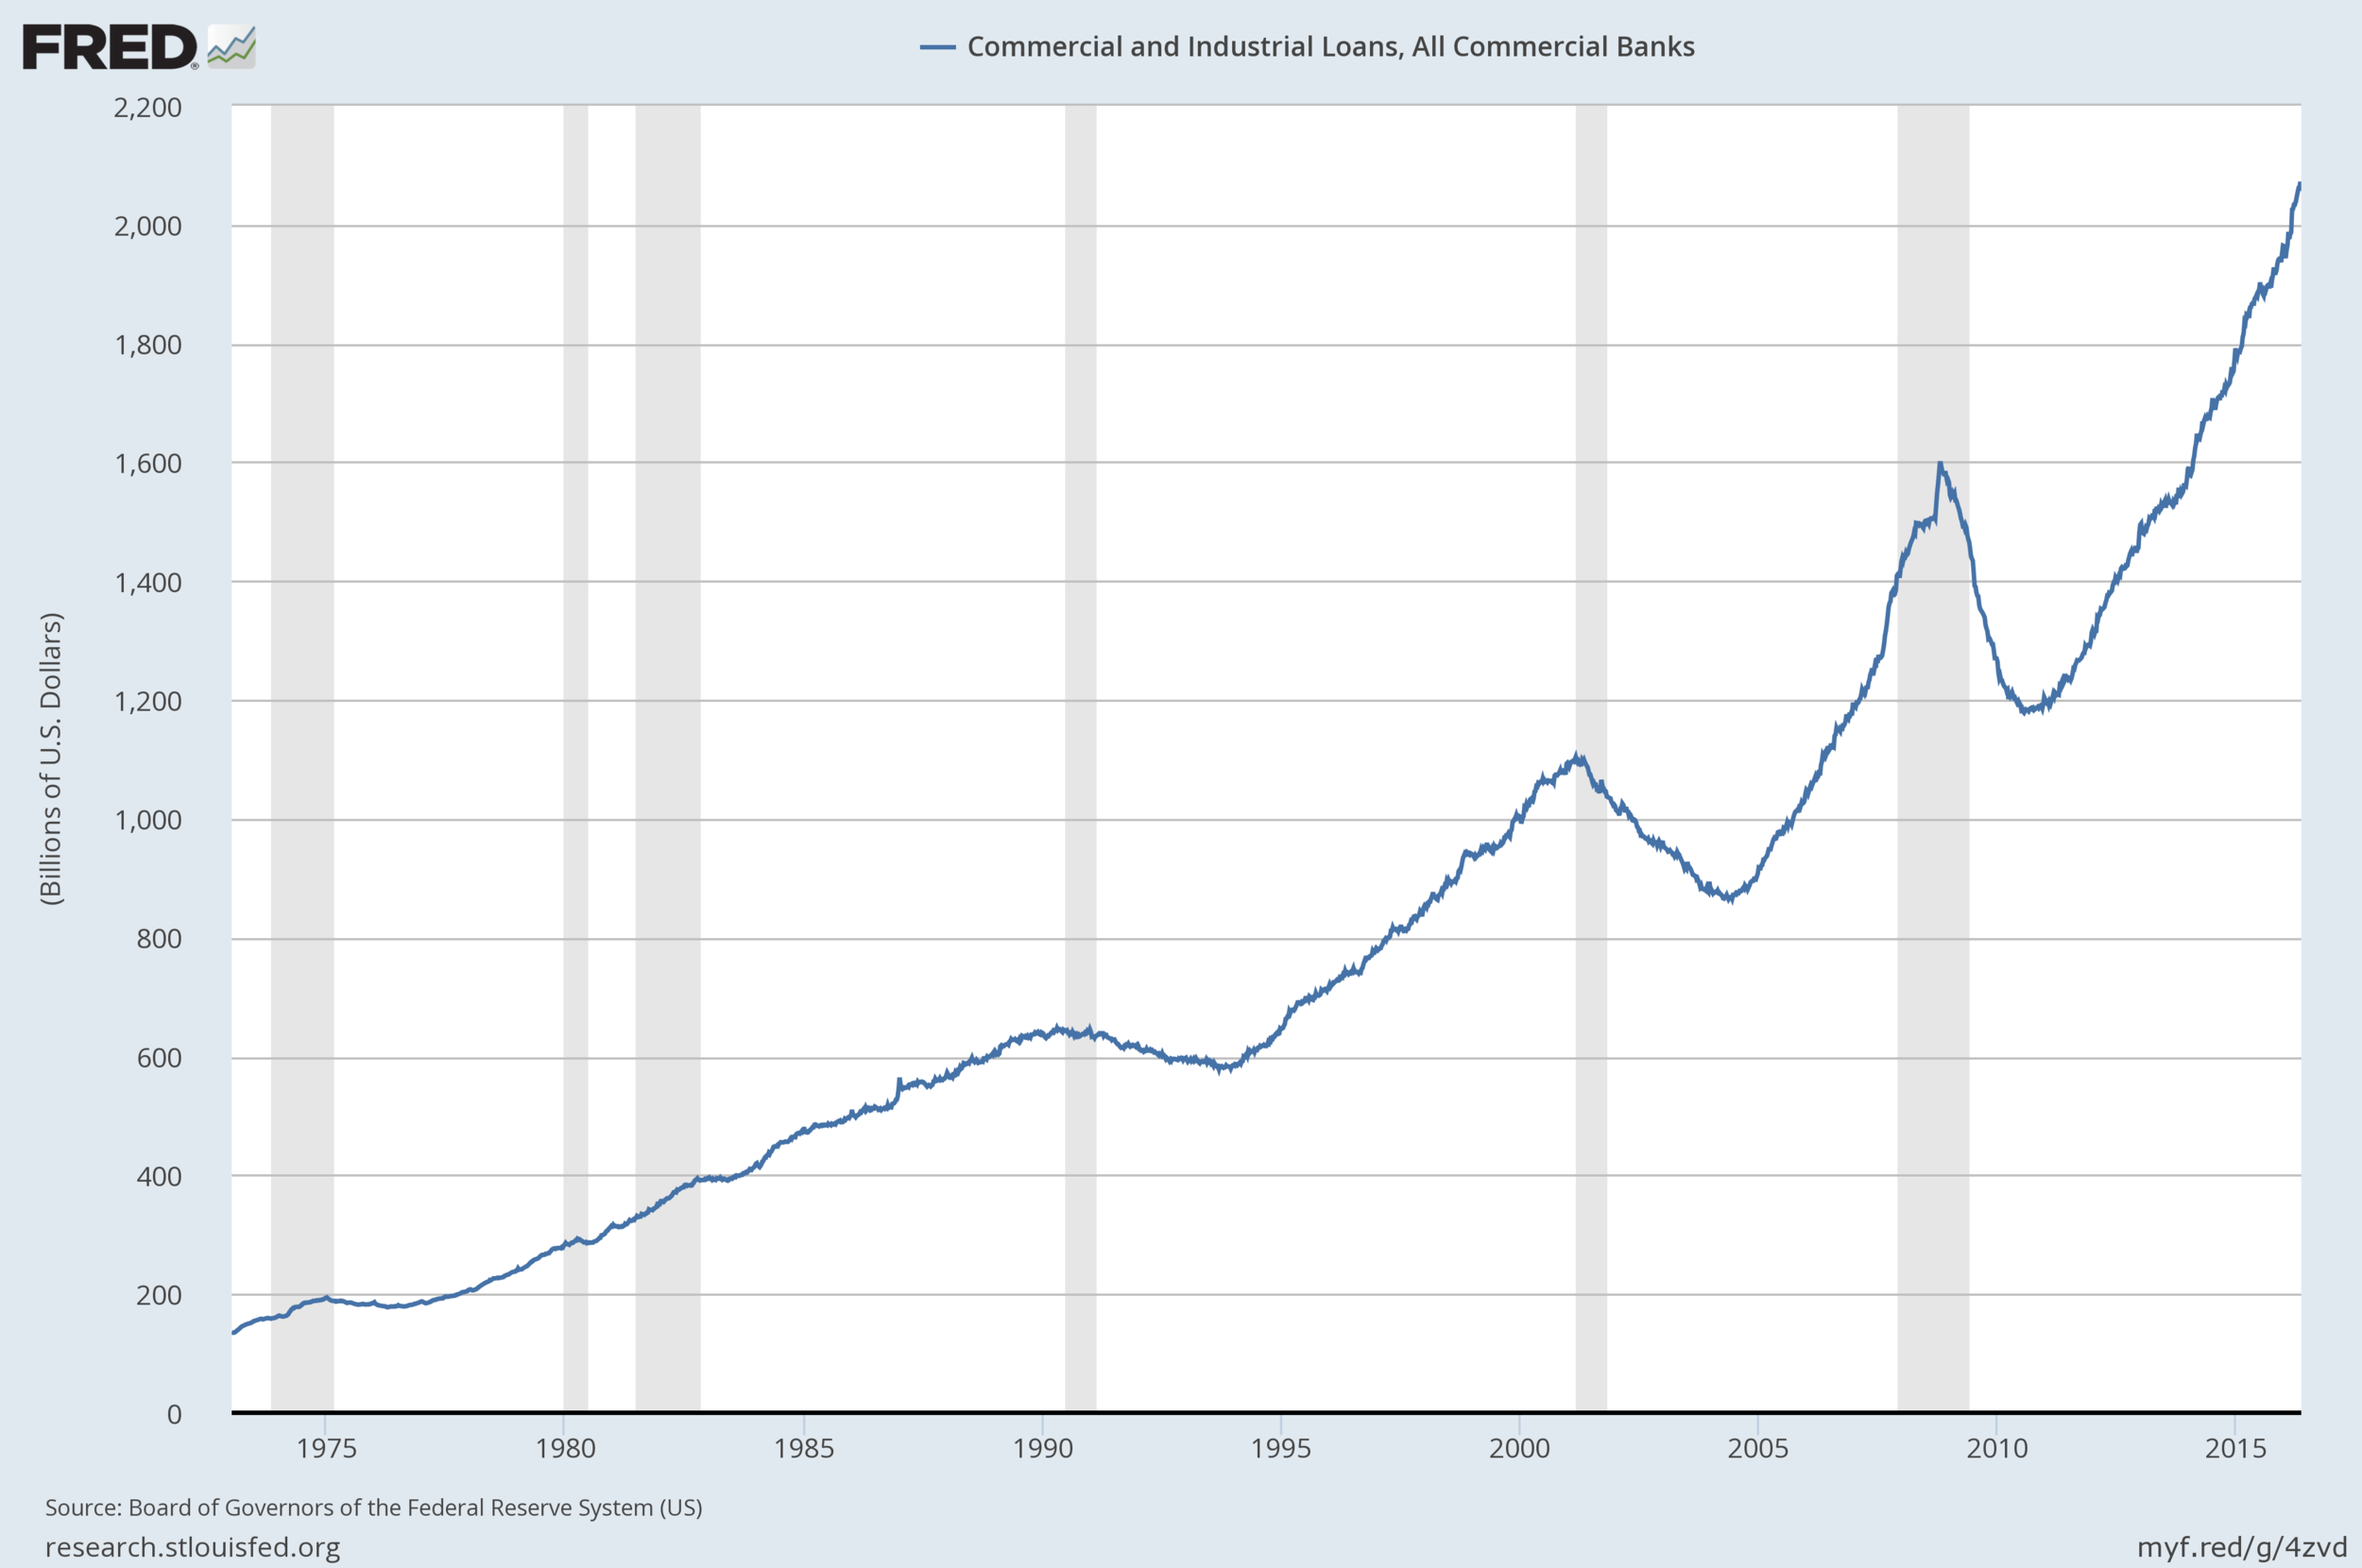 Evolución de los préstamos industriales y comerciales de todos los bancos comerciales de Estados Unidos